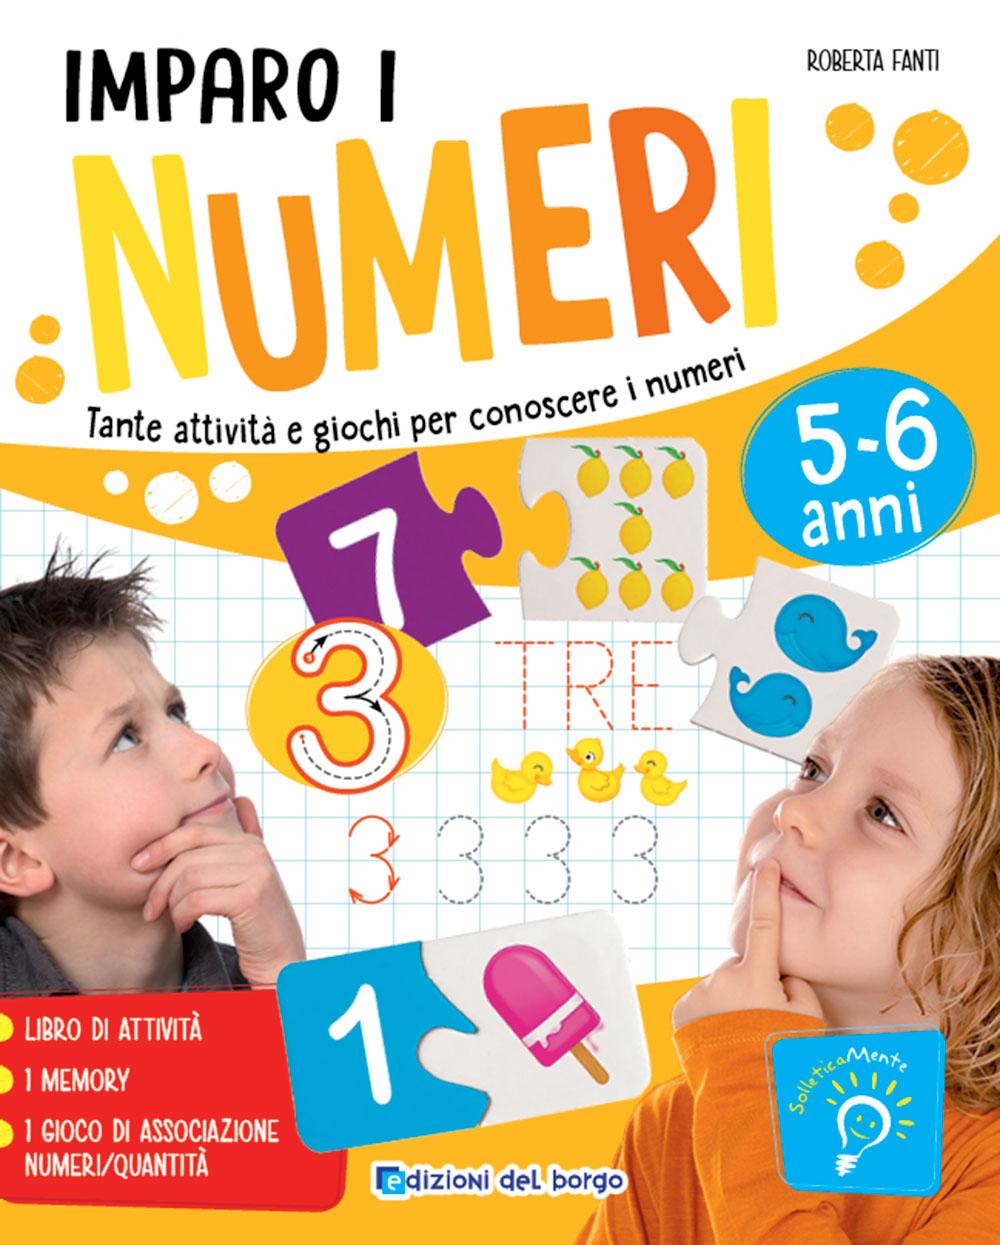 Imparo i numeri